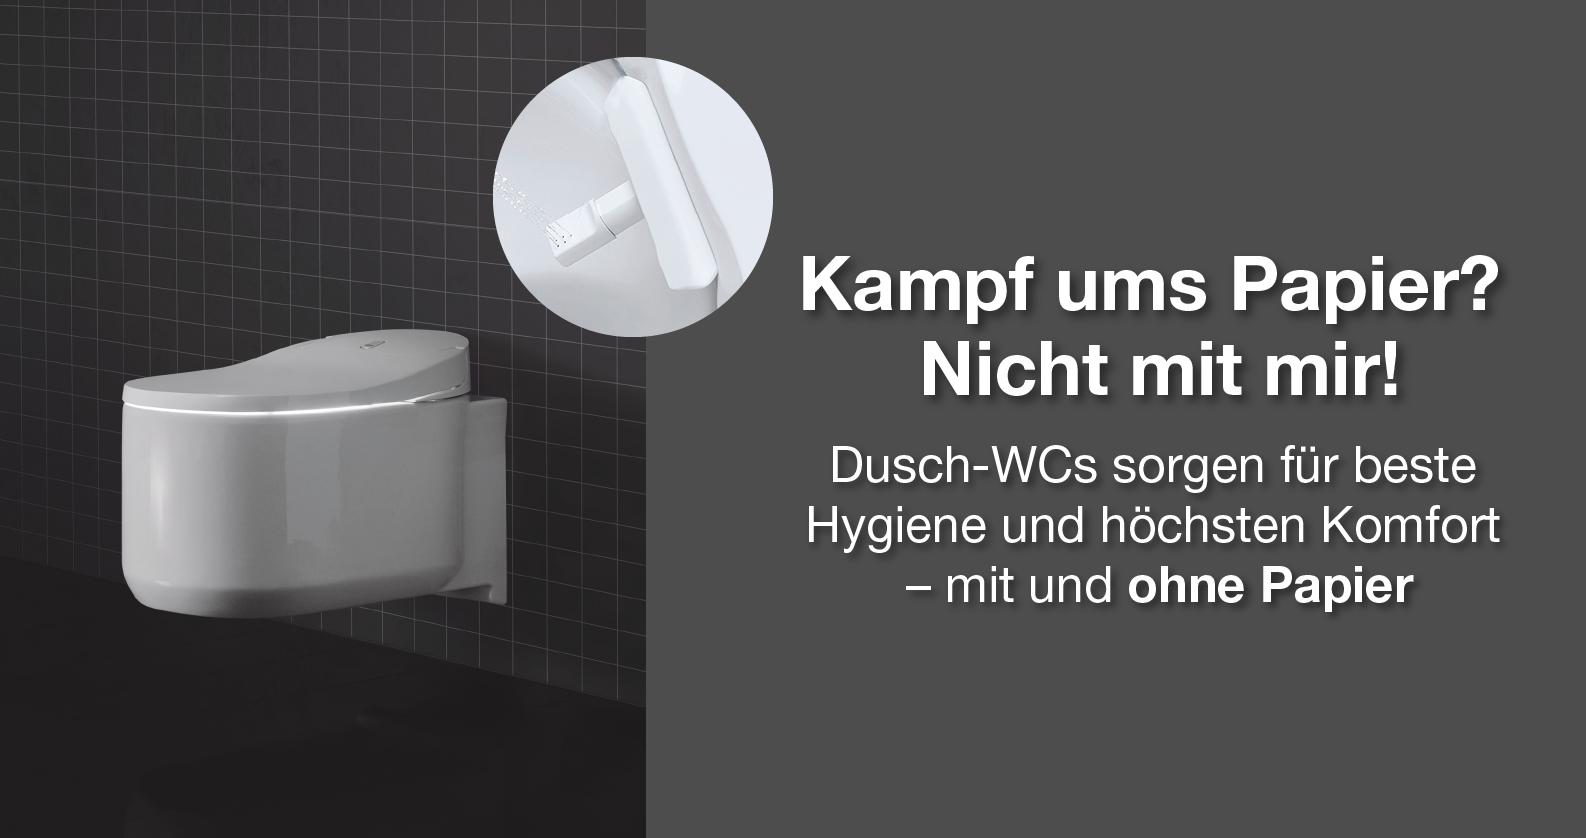 Dusch-WCs bei xTWOstore - Funktionieren auch ohne Papier